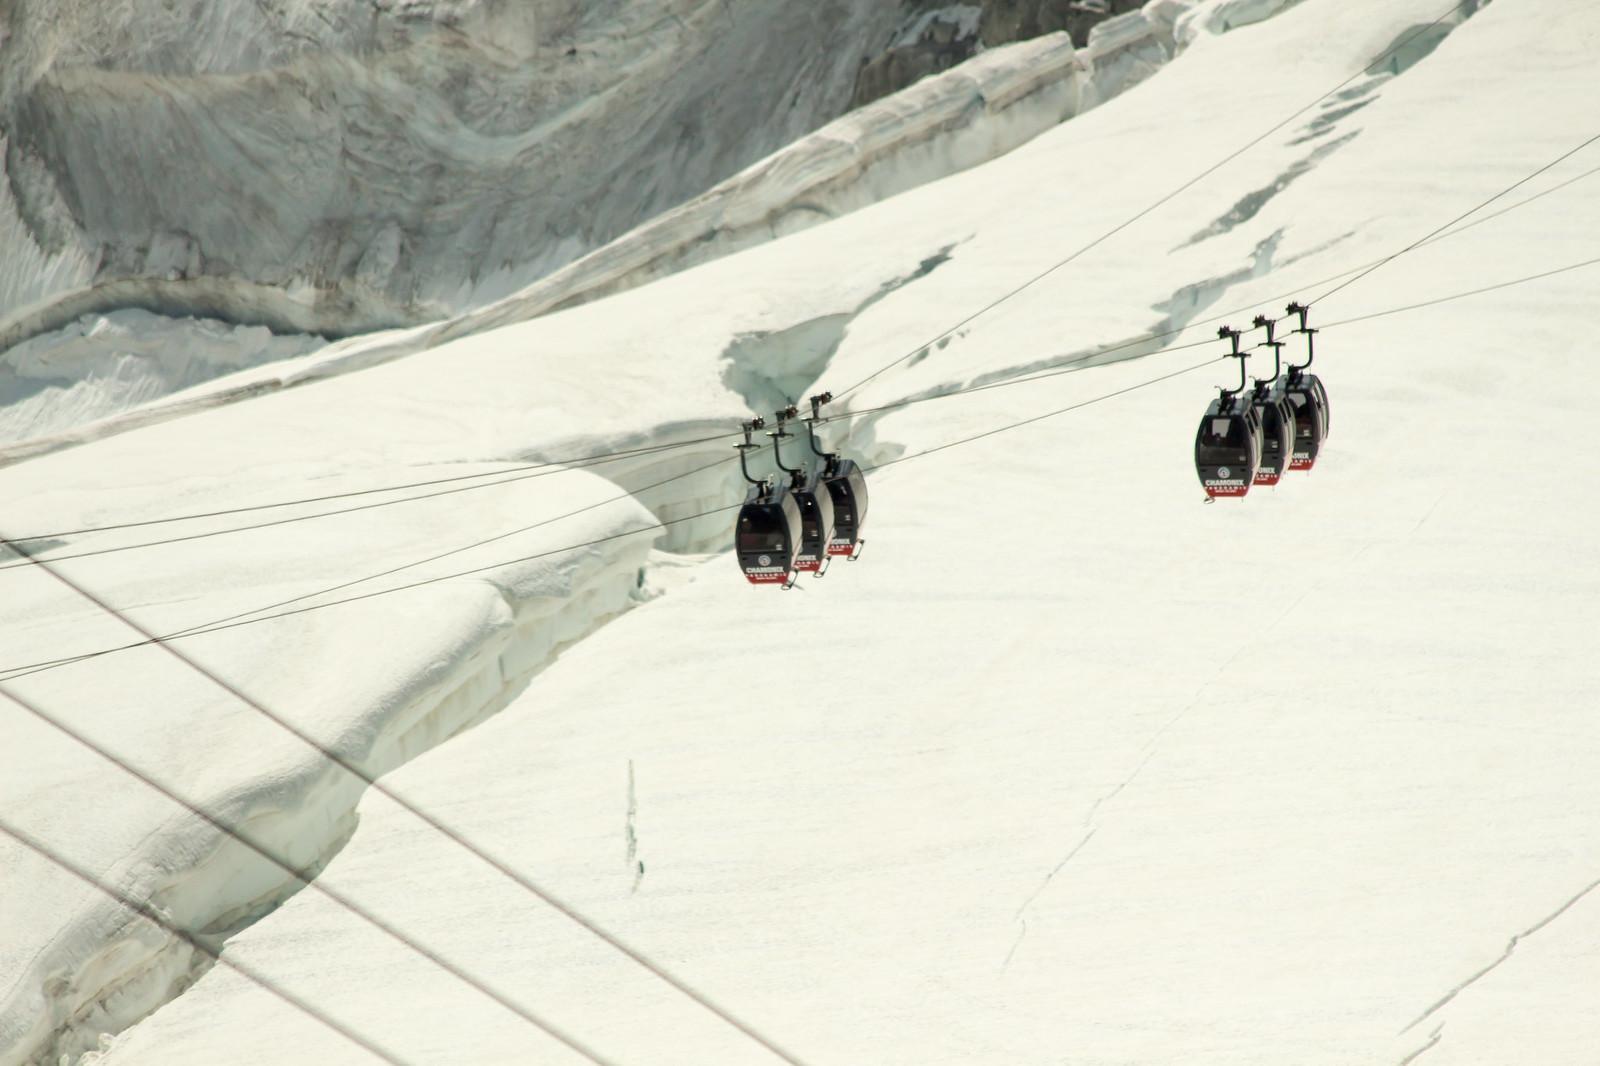 Шамони Мон-Блан - Можно продолжить путь дальше - эта канатная дорога привезет вас на границу Италии и Франции и покажет большую панораму Мон Блана со других ракурсов